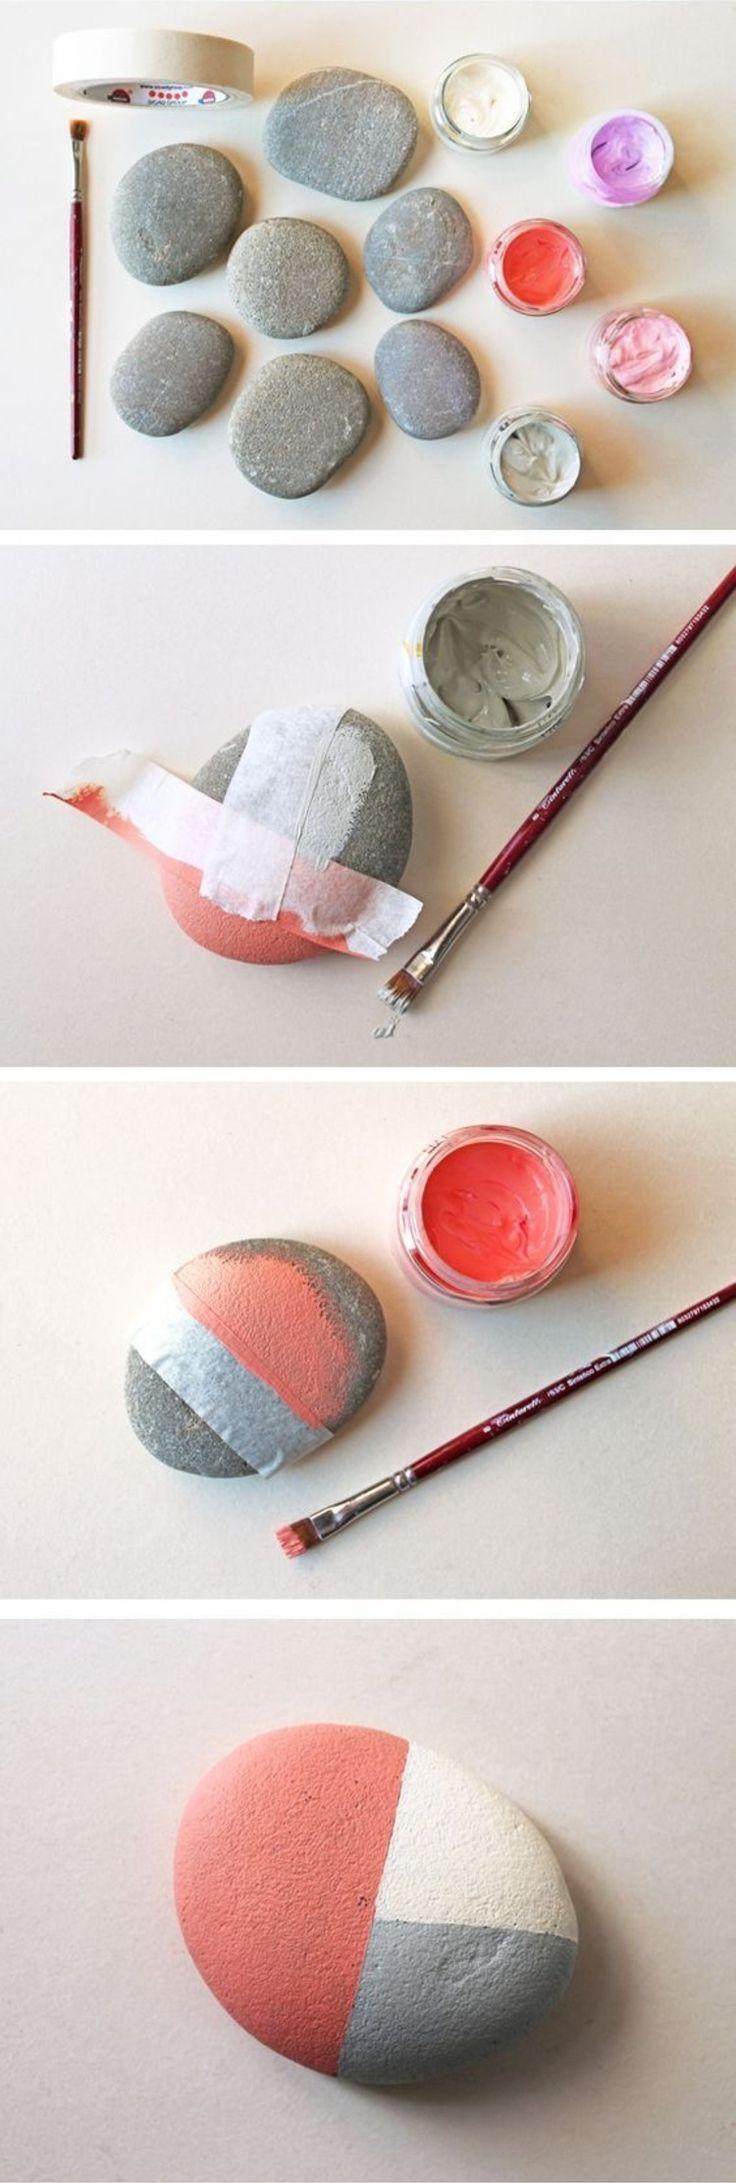 DIY Ideen Basteln mit Steinen einfache Techniken Tipps #bastelnmitsteinen